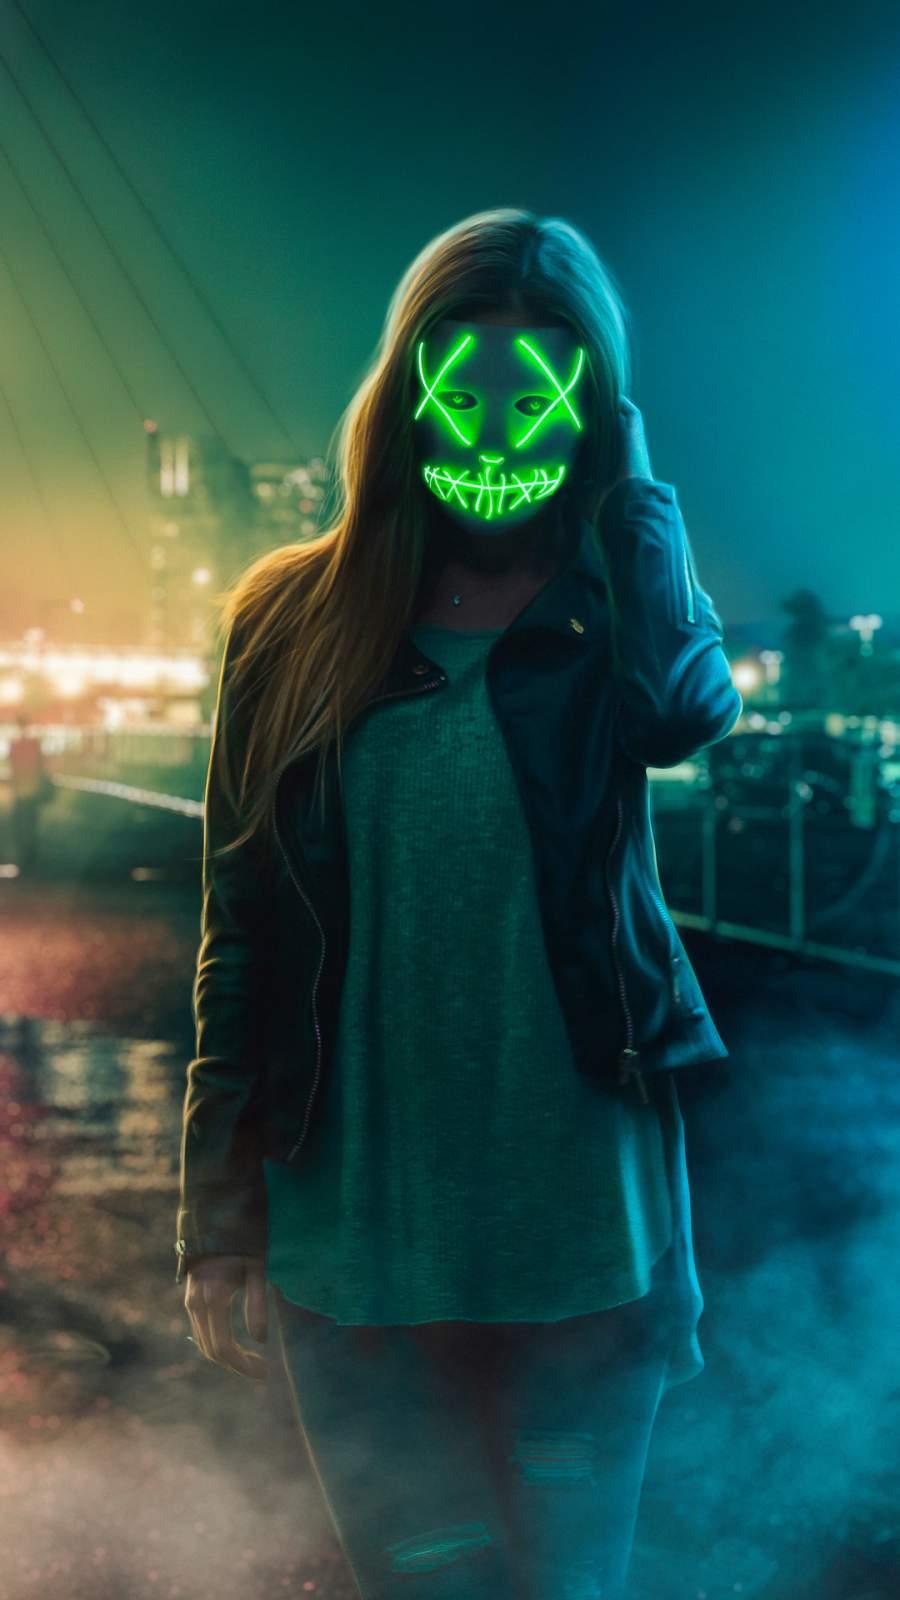 Neon Eye Mask Girl iPhone Wallpaper